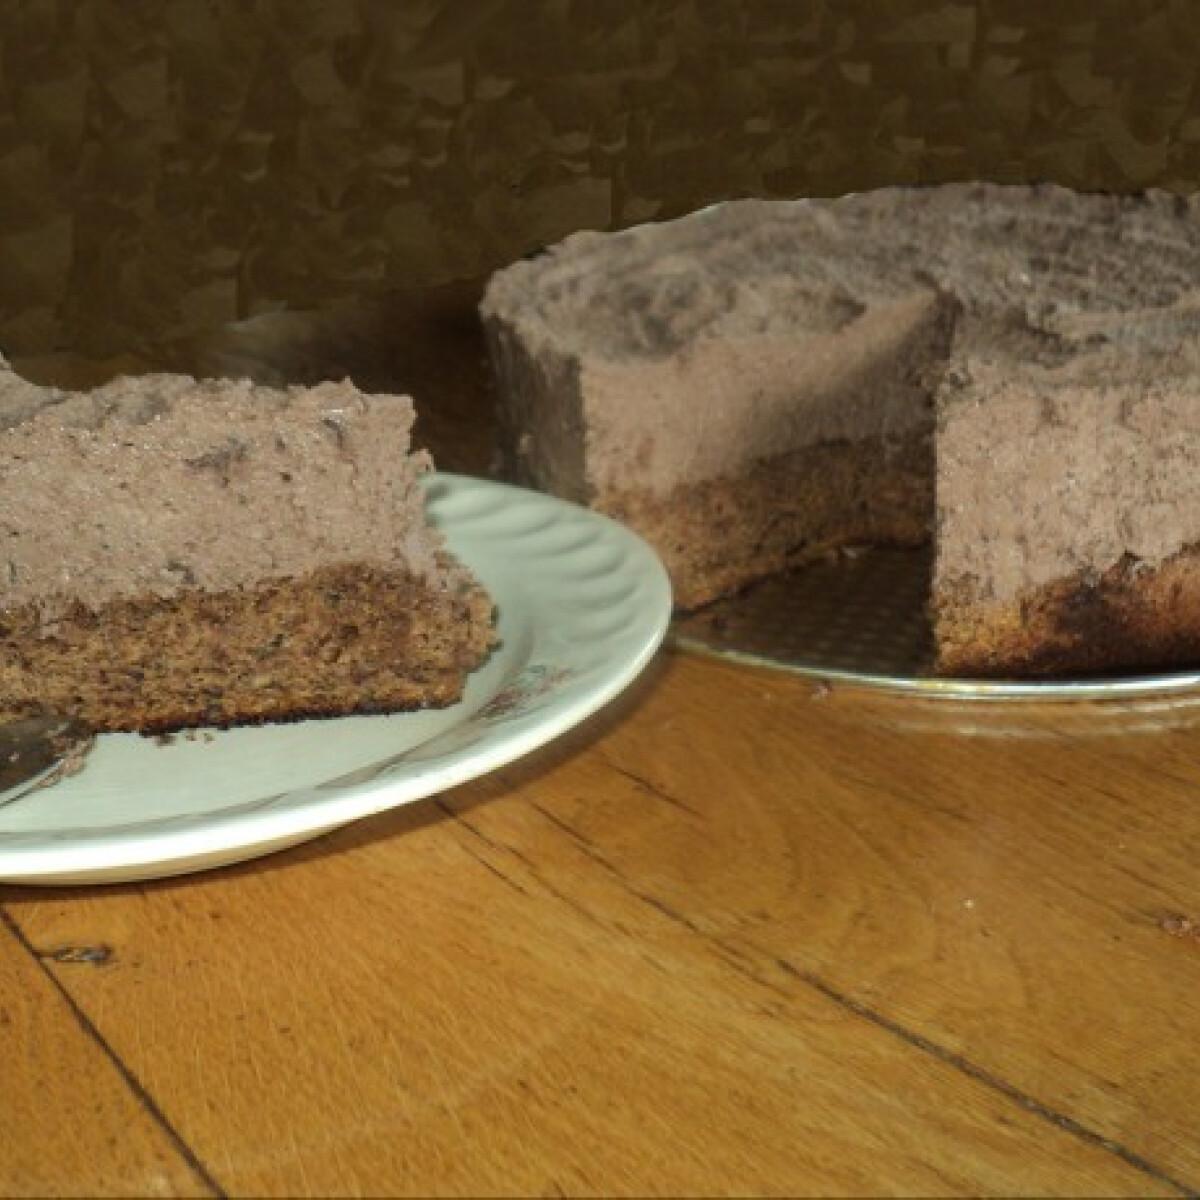 Diós-mogyorós csokimousse-torta Onyxka módra